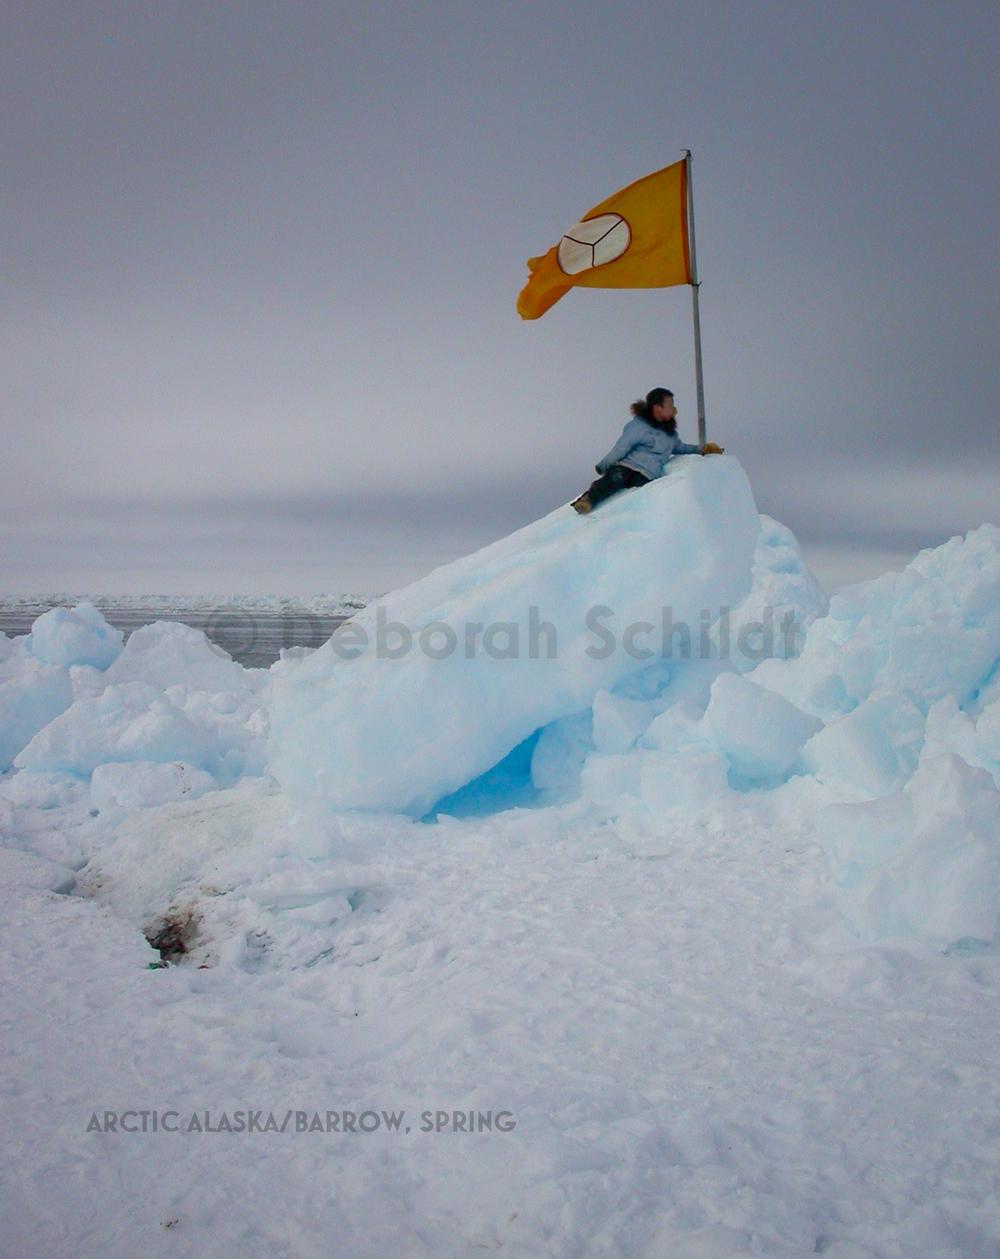 CT2. Arctic Alaska_ Barrow spring.jpg